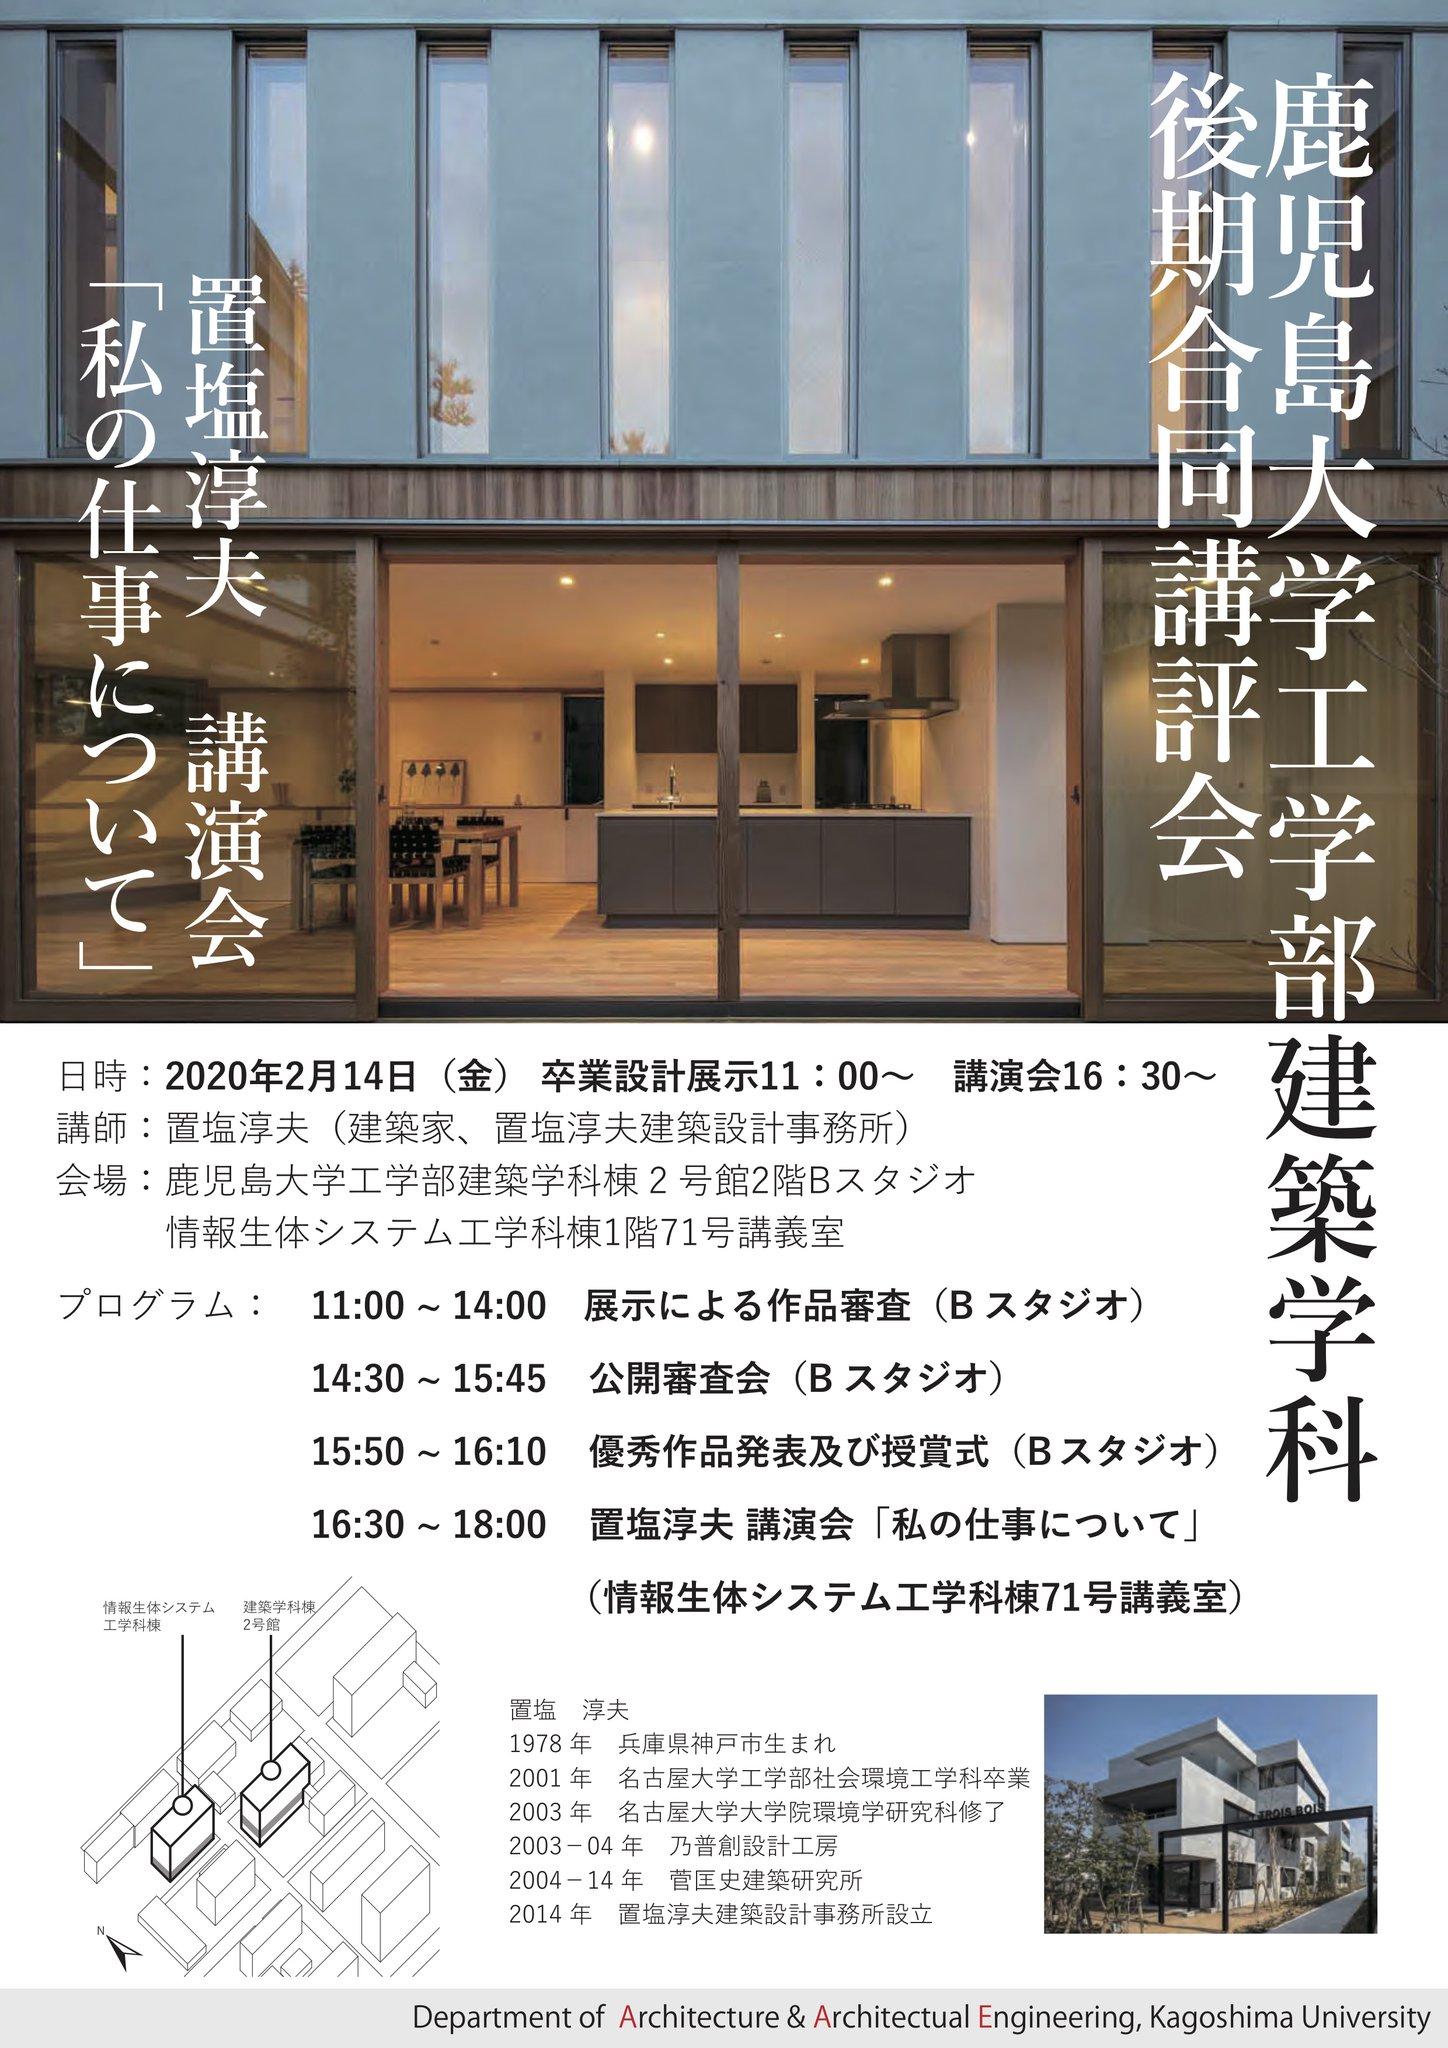 2019年度_卒業設計講評会+建築家 置塩淳夫 講演会